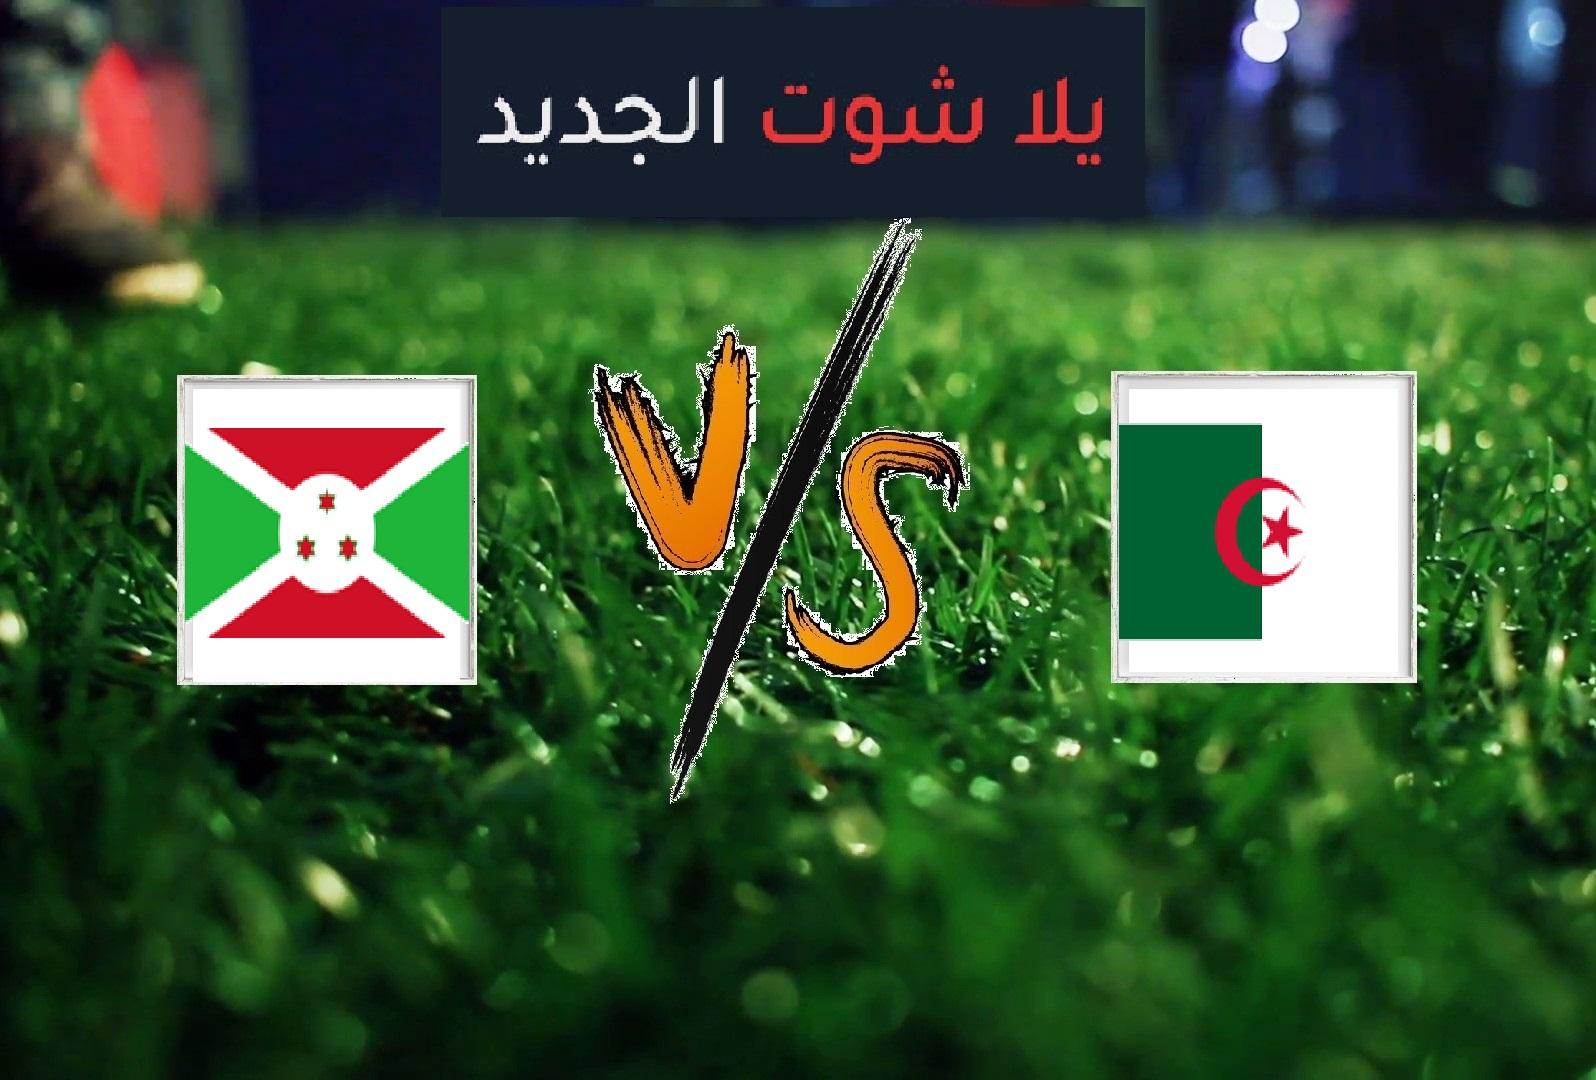 نتيجة مباراة الجزائر وبوروندي اليوم الثلاثاء بتاريخ 11-06-2019 مباراة ودية